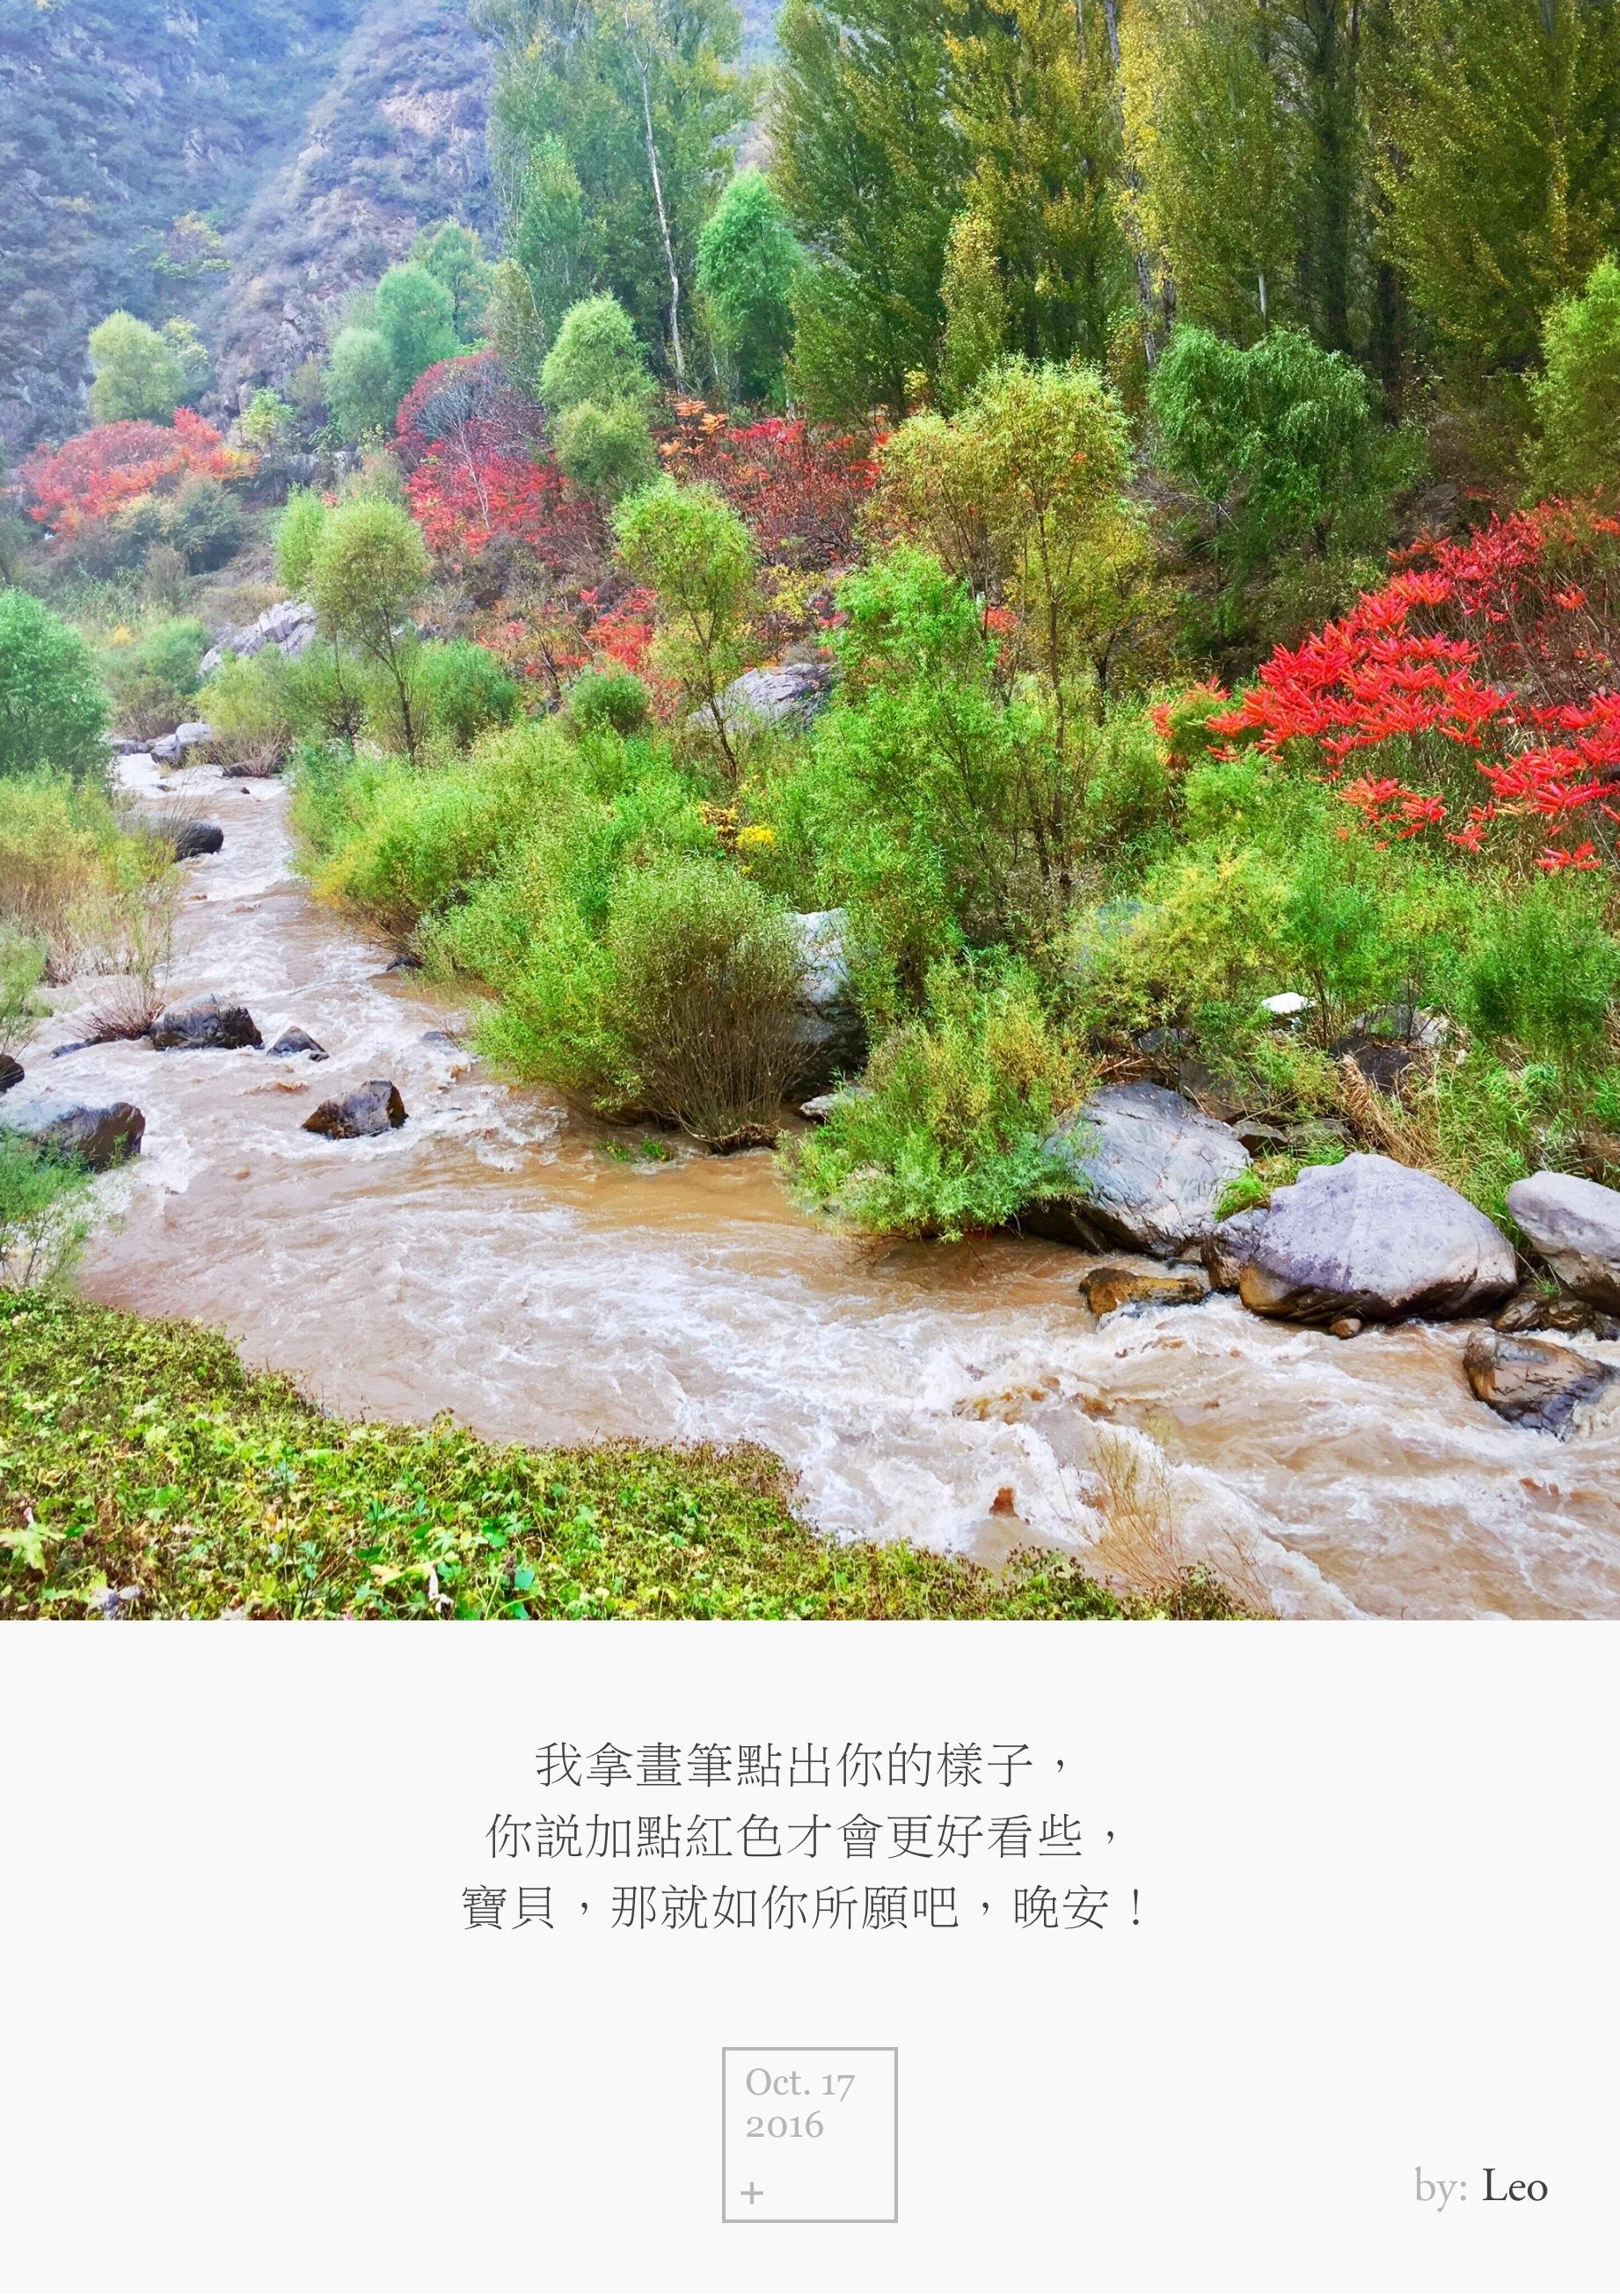 黑龙潭景区